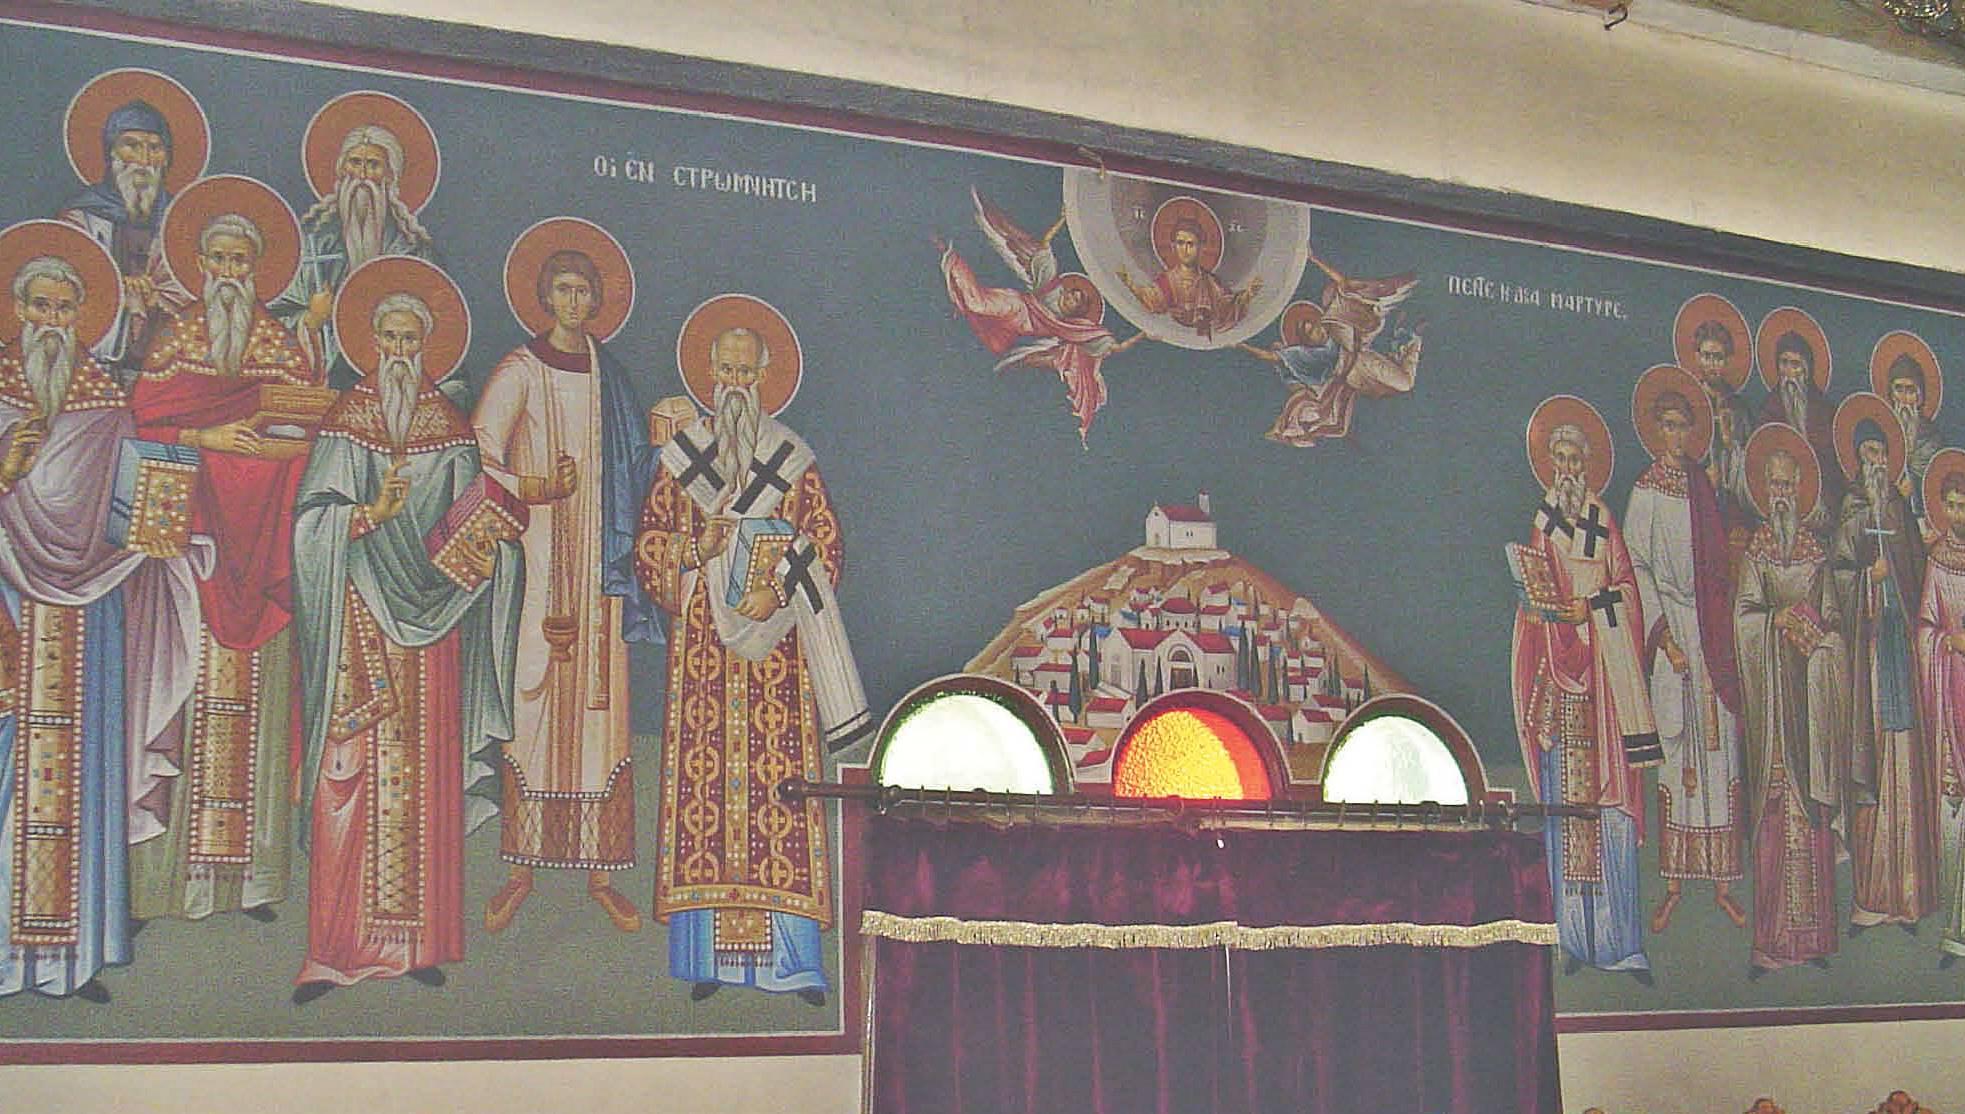 ΓΝΩΜΗ ΚΙΛΚΙΣ ΠΑΙΟΝΙΑΣ: Οι Άγιοι Πεντεκαίδεκα Ιερομάρτυρες, η Στρώμνιτσα και  η μεταφορά τους στο Κιλκίς